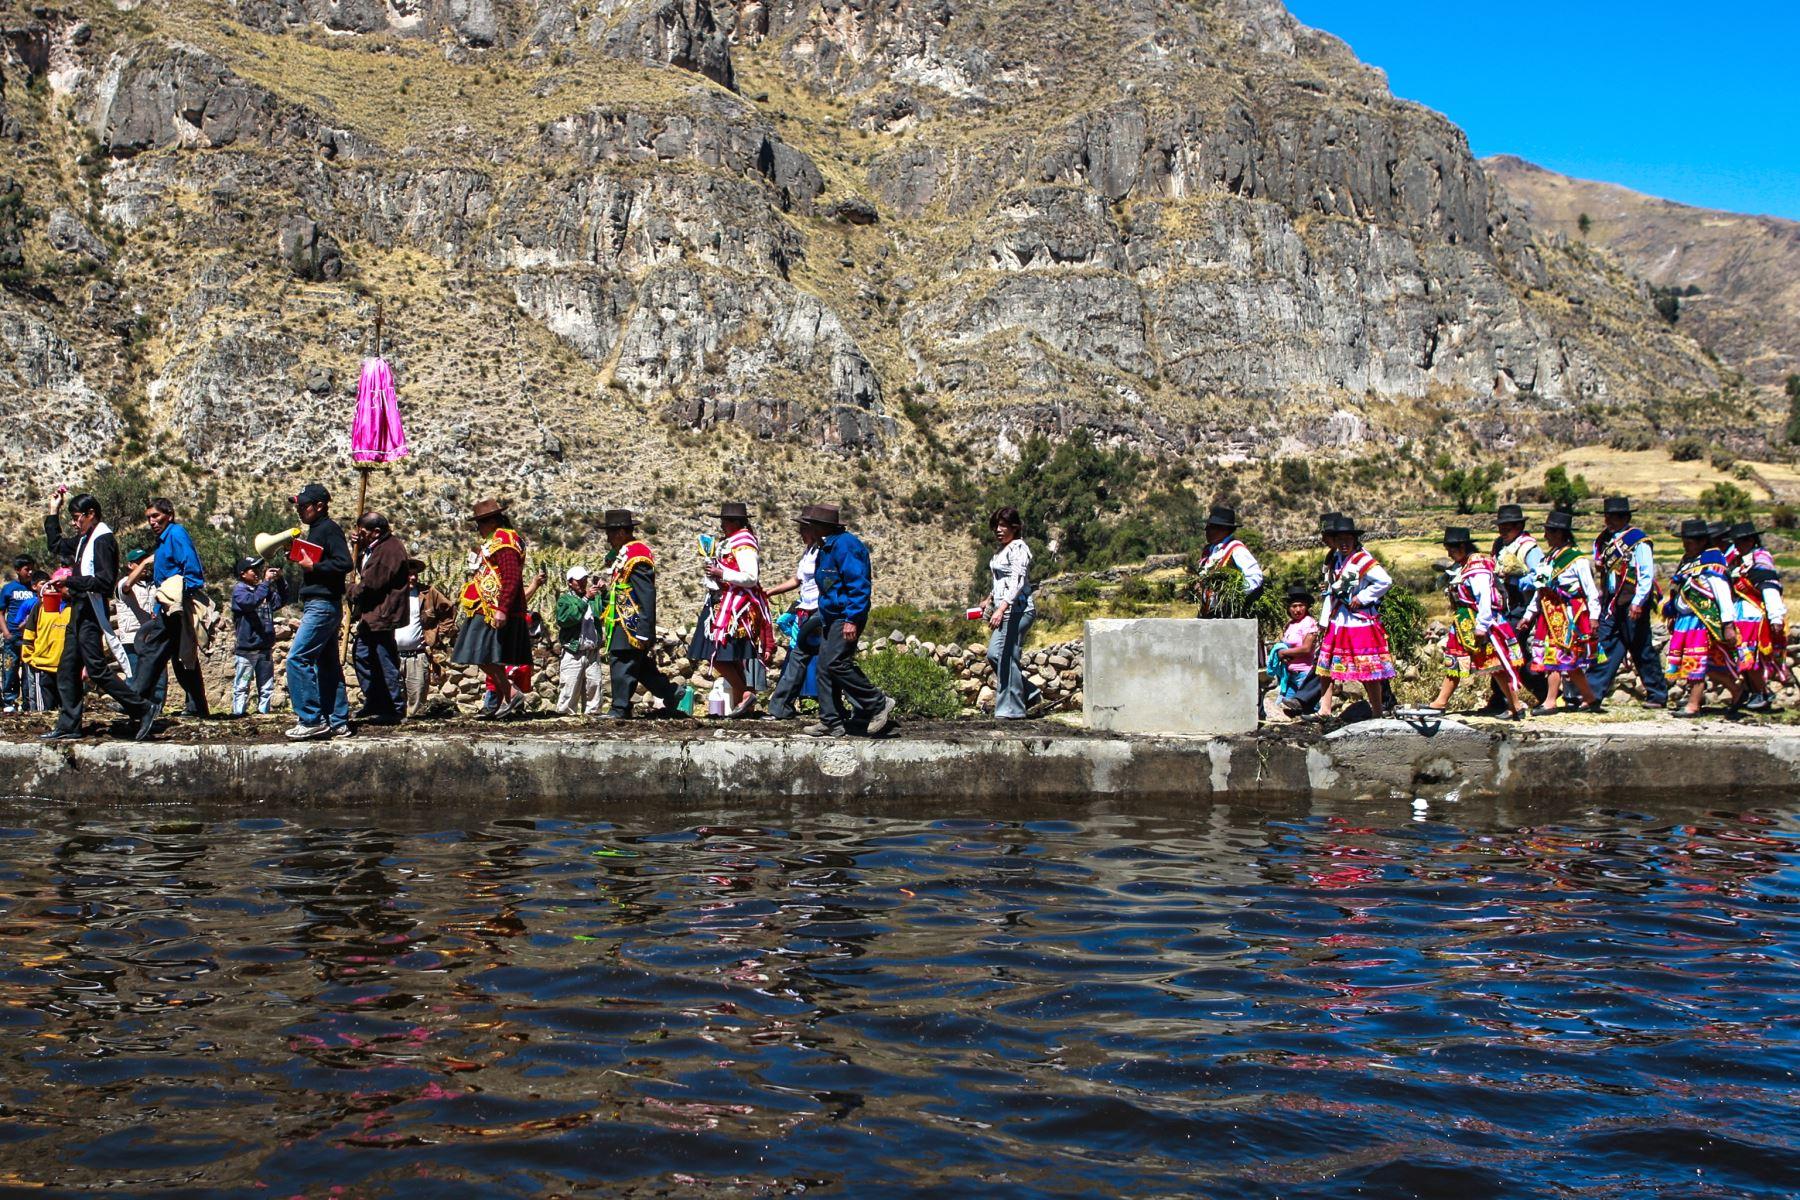 El Yaku Raymi (o Fiesta del Agua) es una de las fiestas que se celebran al agua y es una festividad principal del pueblo de Carmen Salcedo-Andamarca, ubicado en la provincia de Lucanas, región Ayacucho. Foto: ANDINA/Carlos Lezama